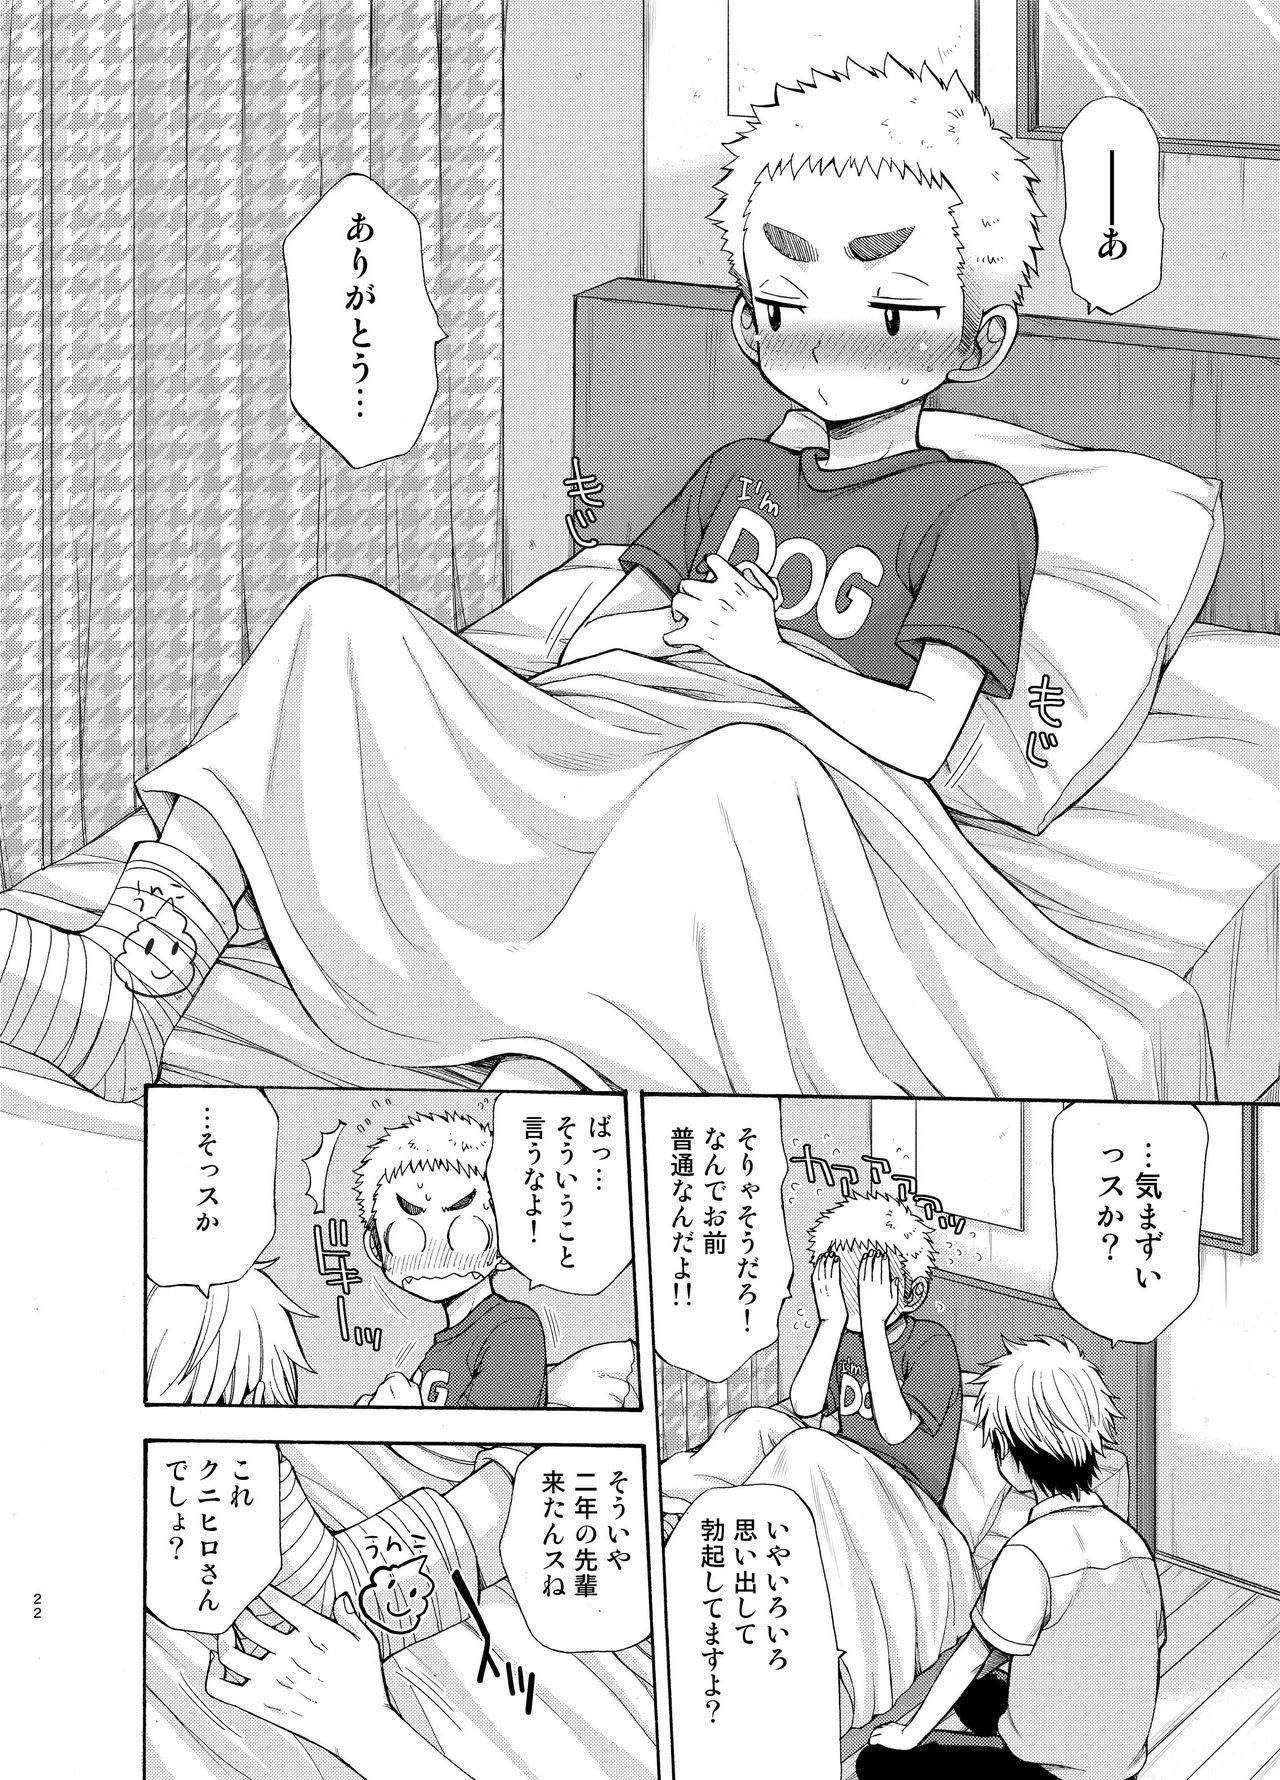 Yuuwaku ni Yowai Ore no Senpai 21